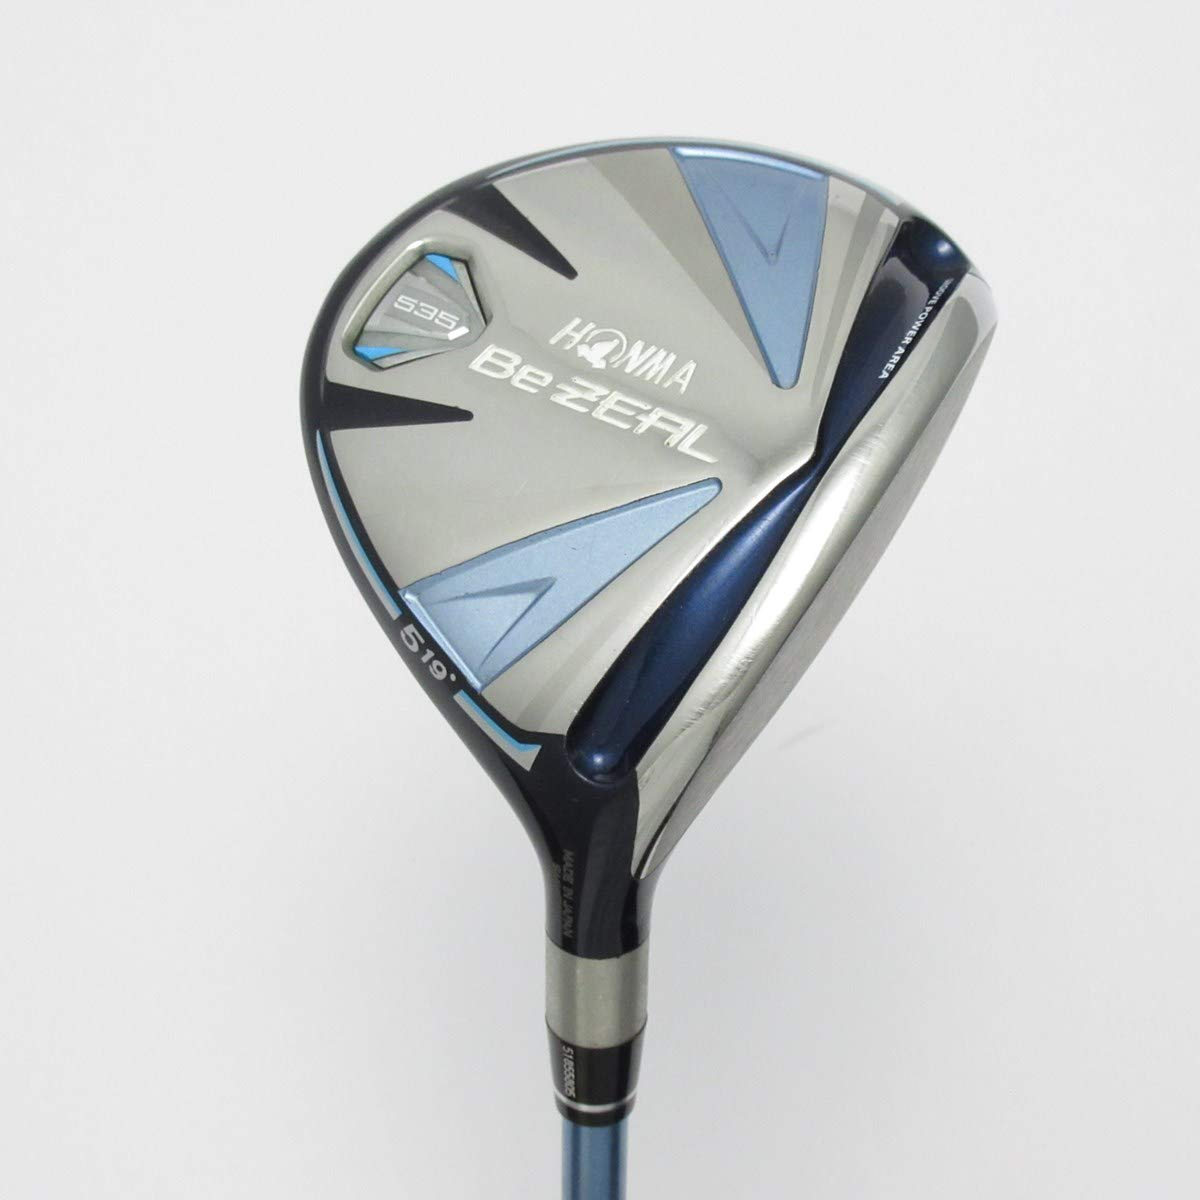 【中古】本間ゴルフ Be ZEAL ビジール 535 フェアウェイウッド VIZARD for Be ZEAL レディス 【5W】 B07QXCPJWK  A